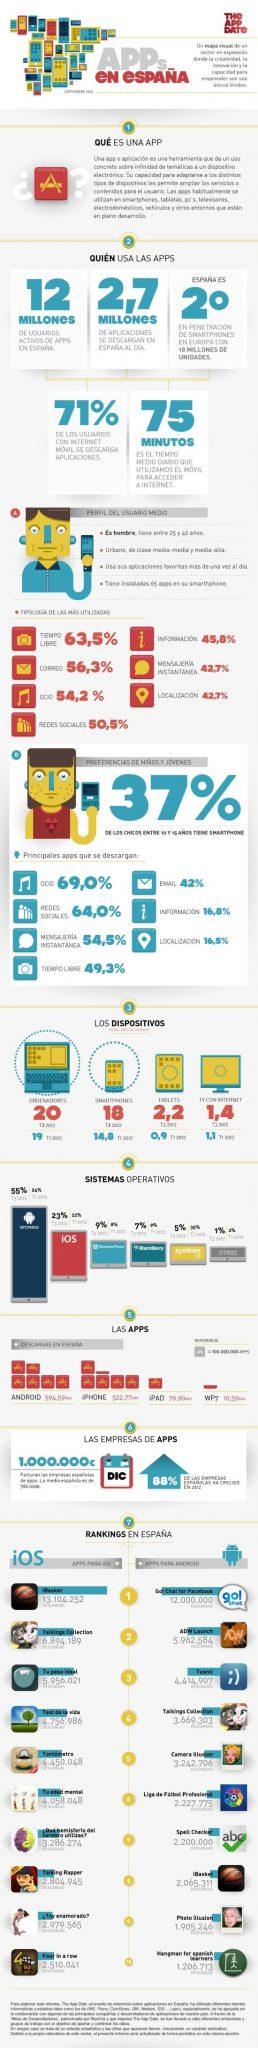 Infografía, sobre el estudio de las APPs en España.